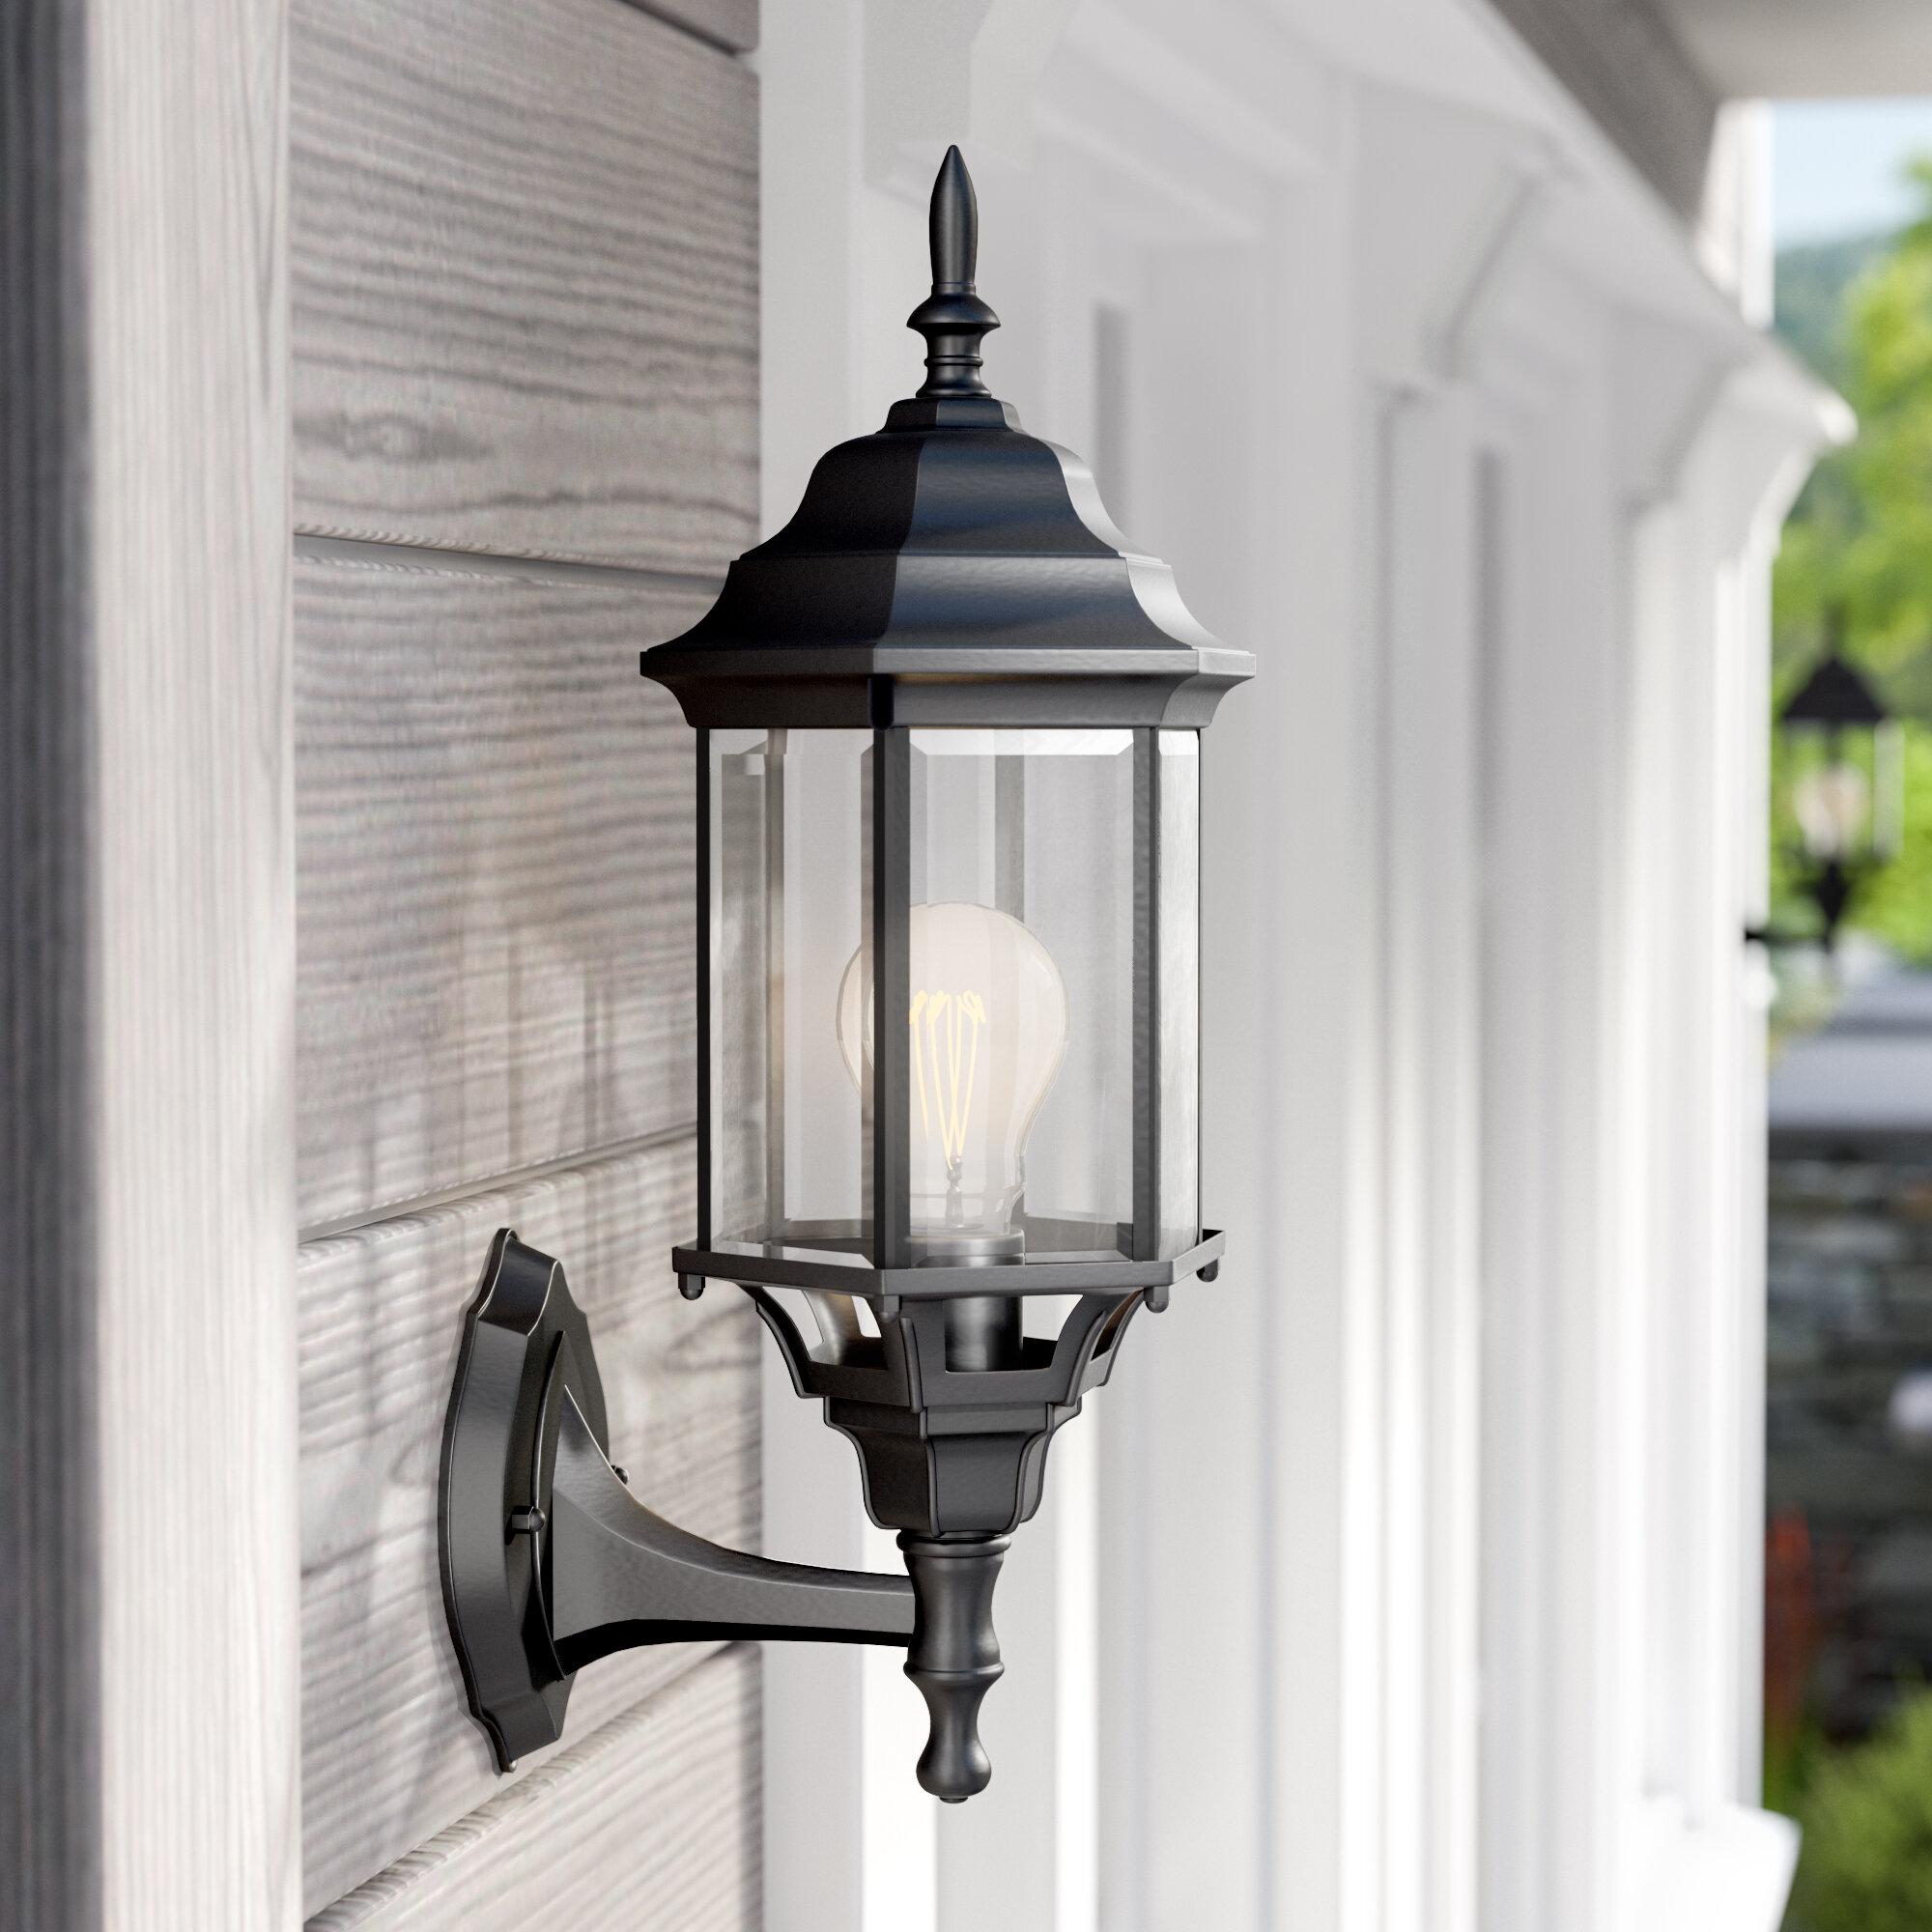 Baynham Outdoor Wall Lantern